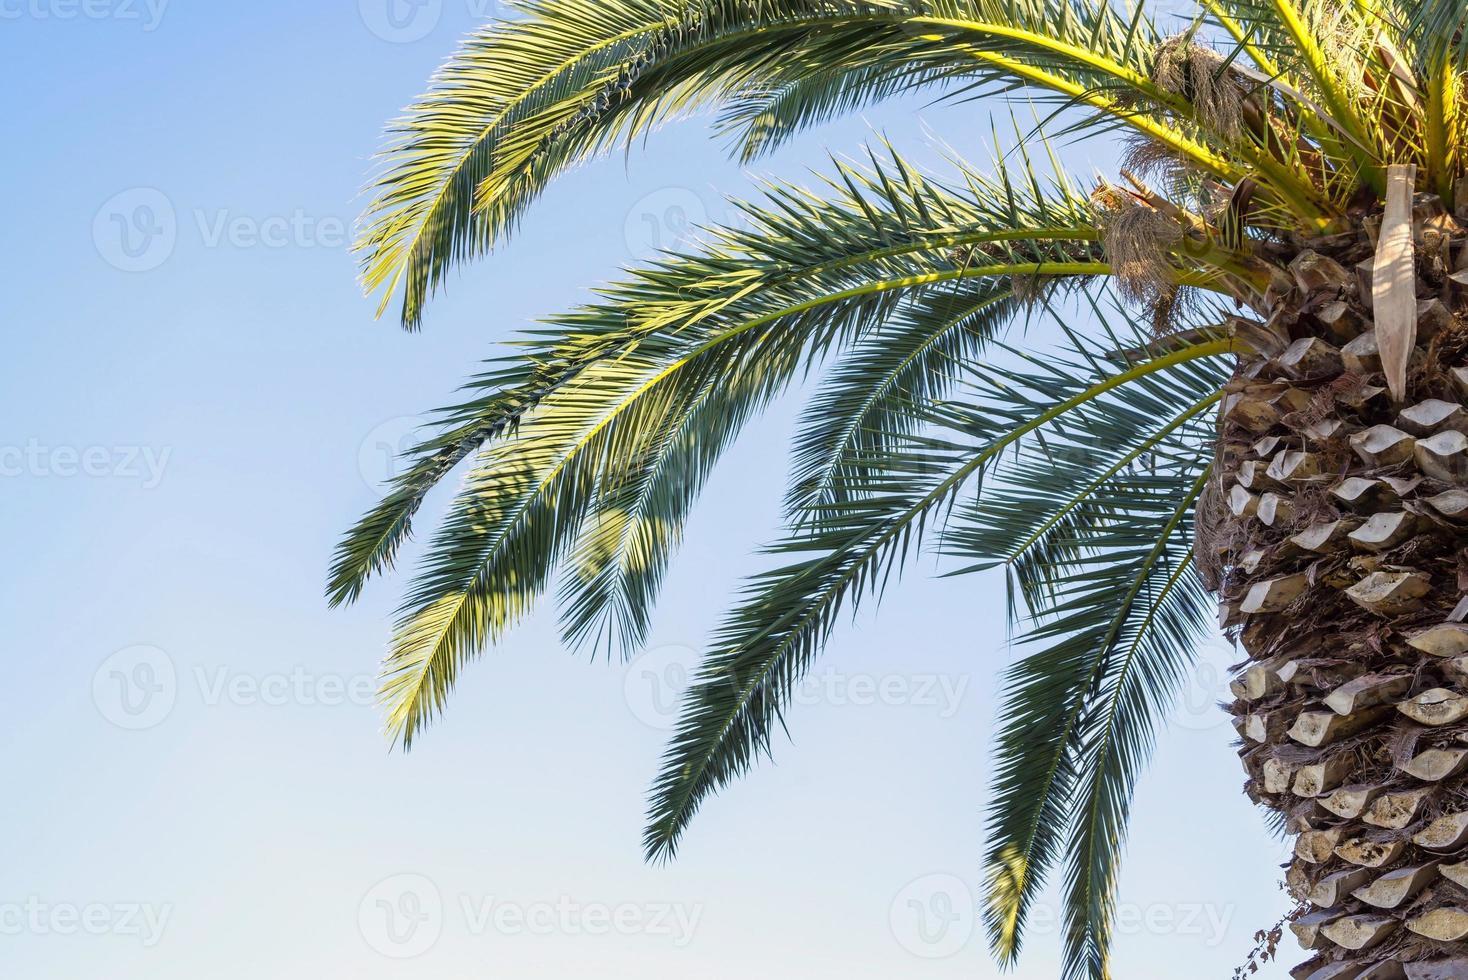 grande palma contro il cielo blu foto